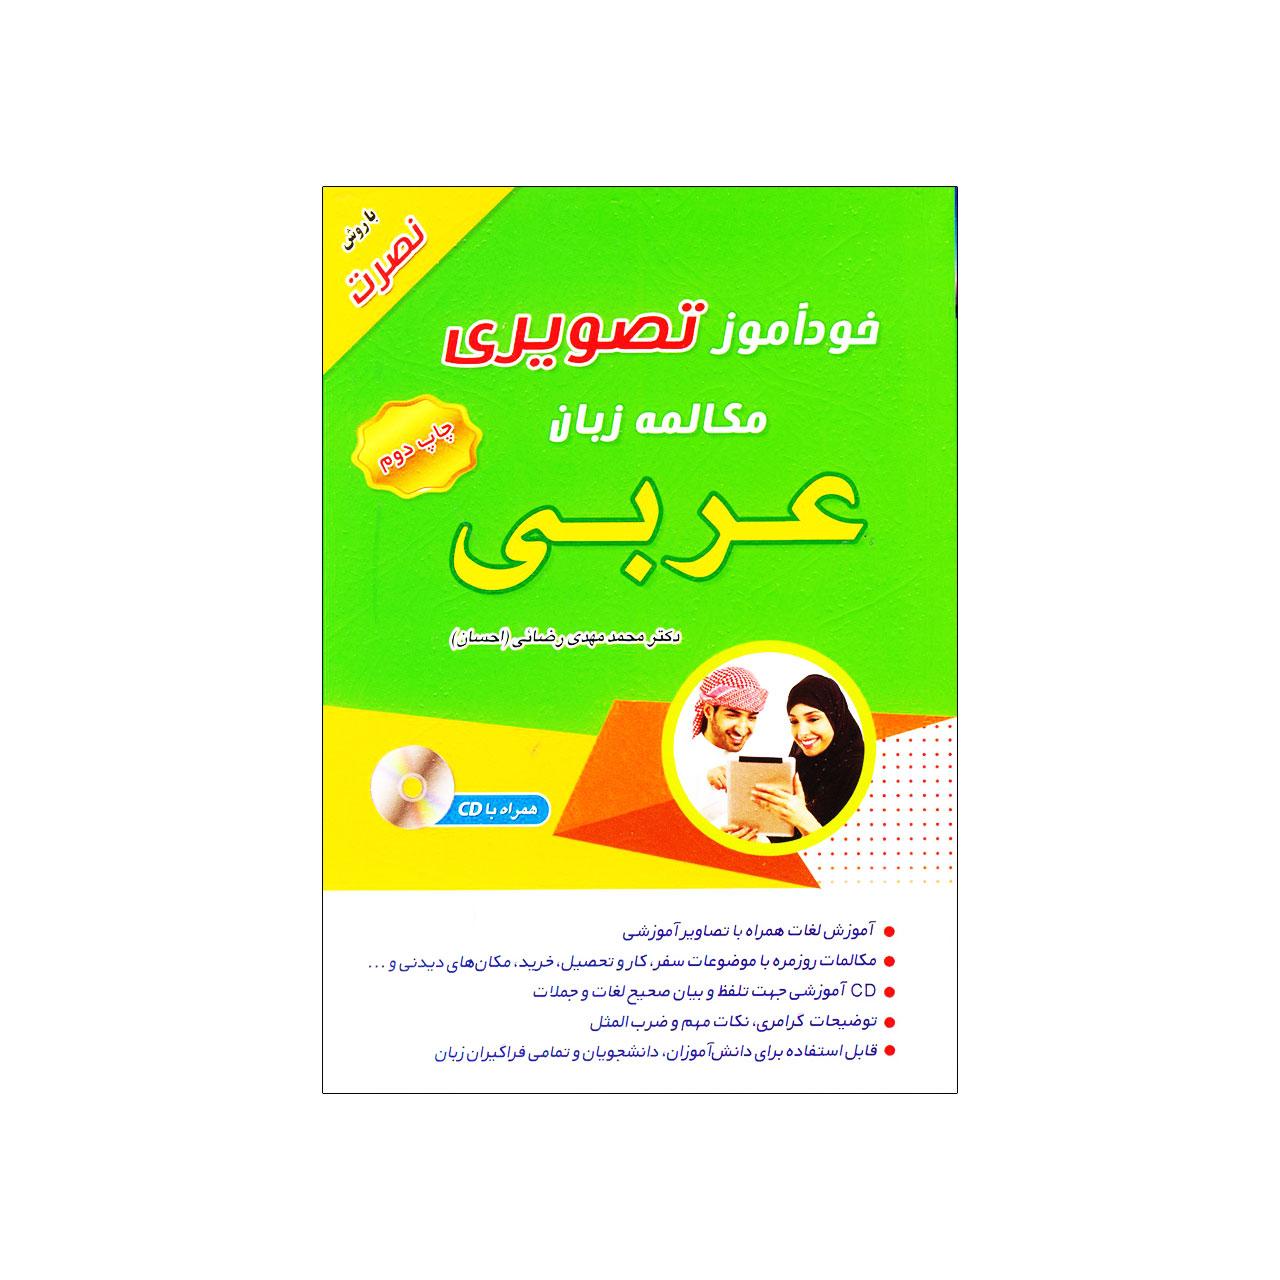 خرید                       کتاب خودآموز تصویری مکالمه زبان عربی اثر محمدمهدی رضائی انتشارات زبان مهر